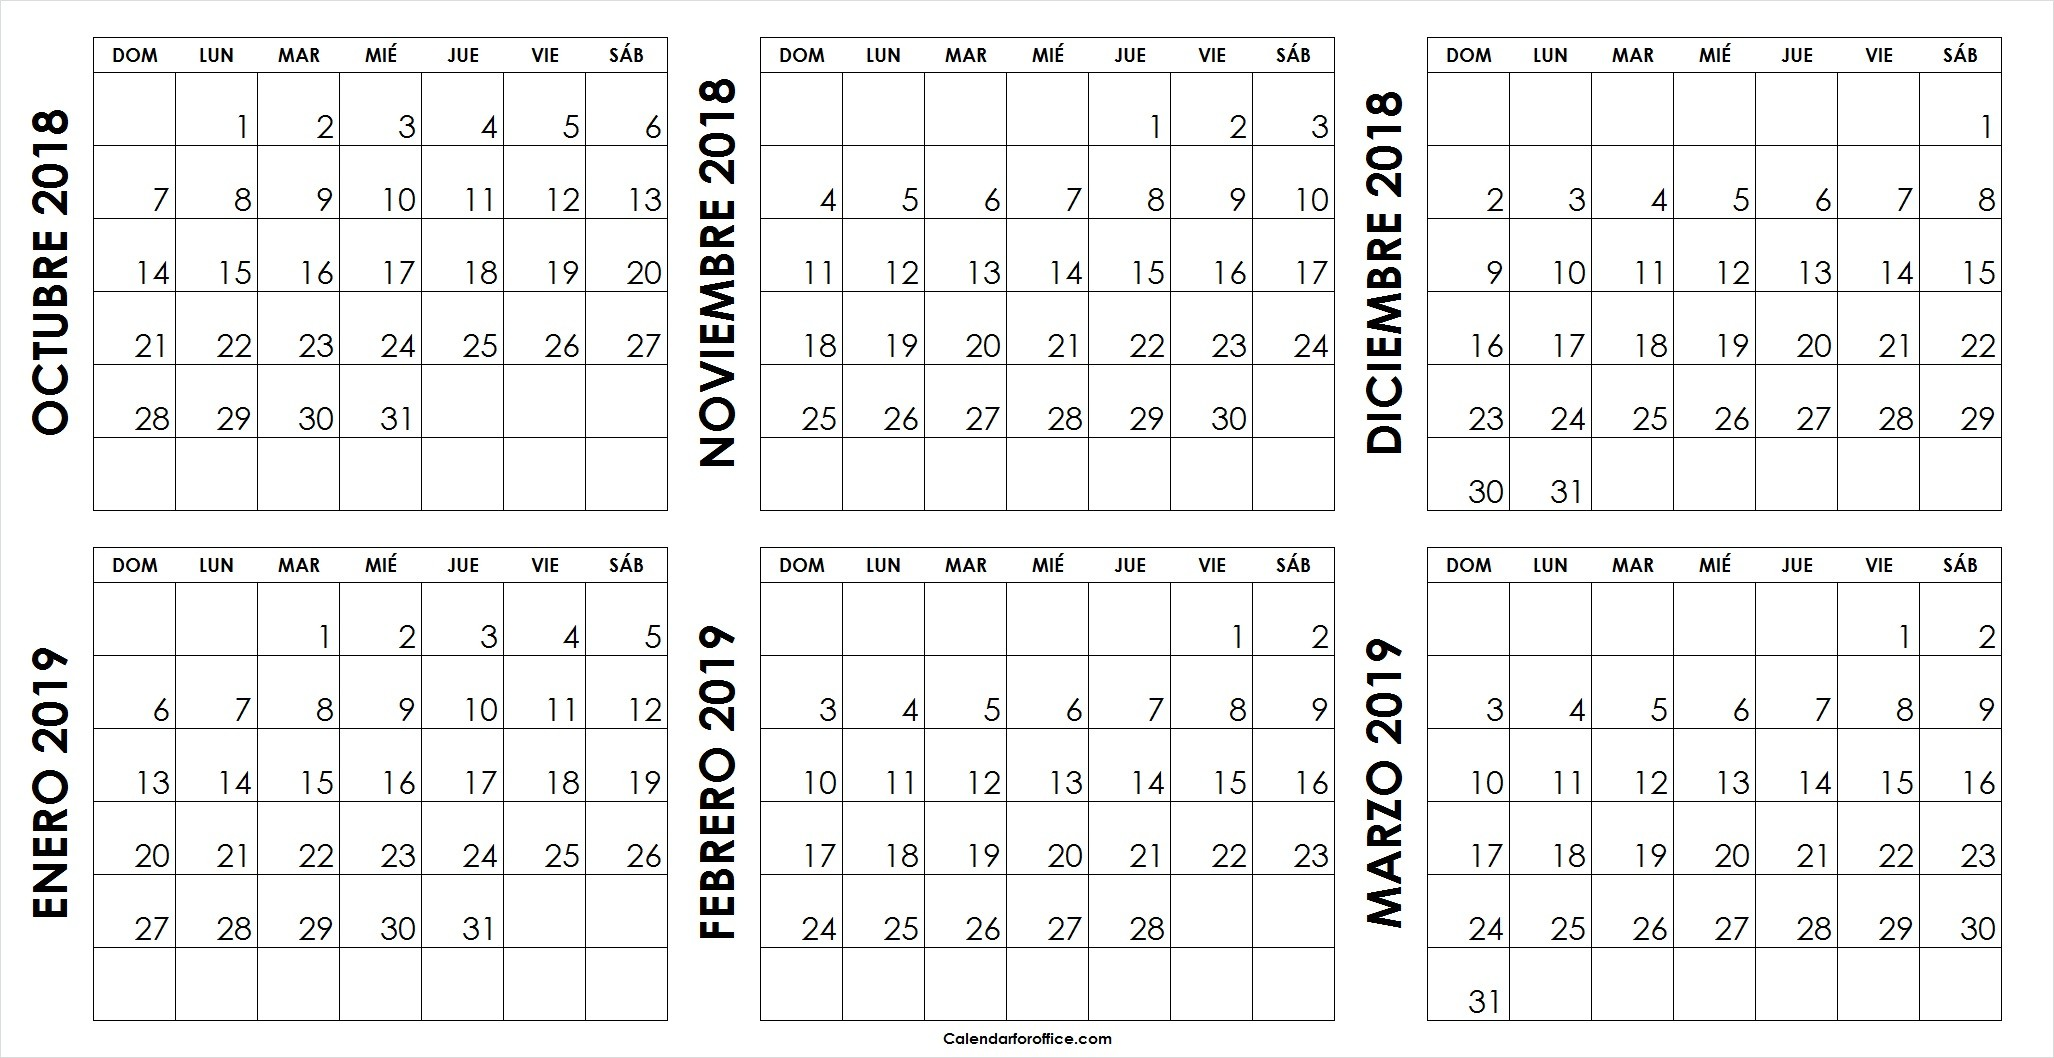 Imprimir Calendario De Marzo 2019 Más Recientes Calendario De Octubre 2019 Of Imprimir Calendario De Marzo 2019 Más Caliente Pin De Mara En Calendario